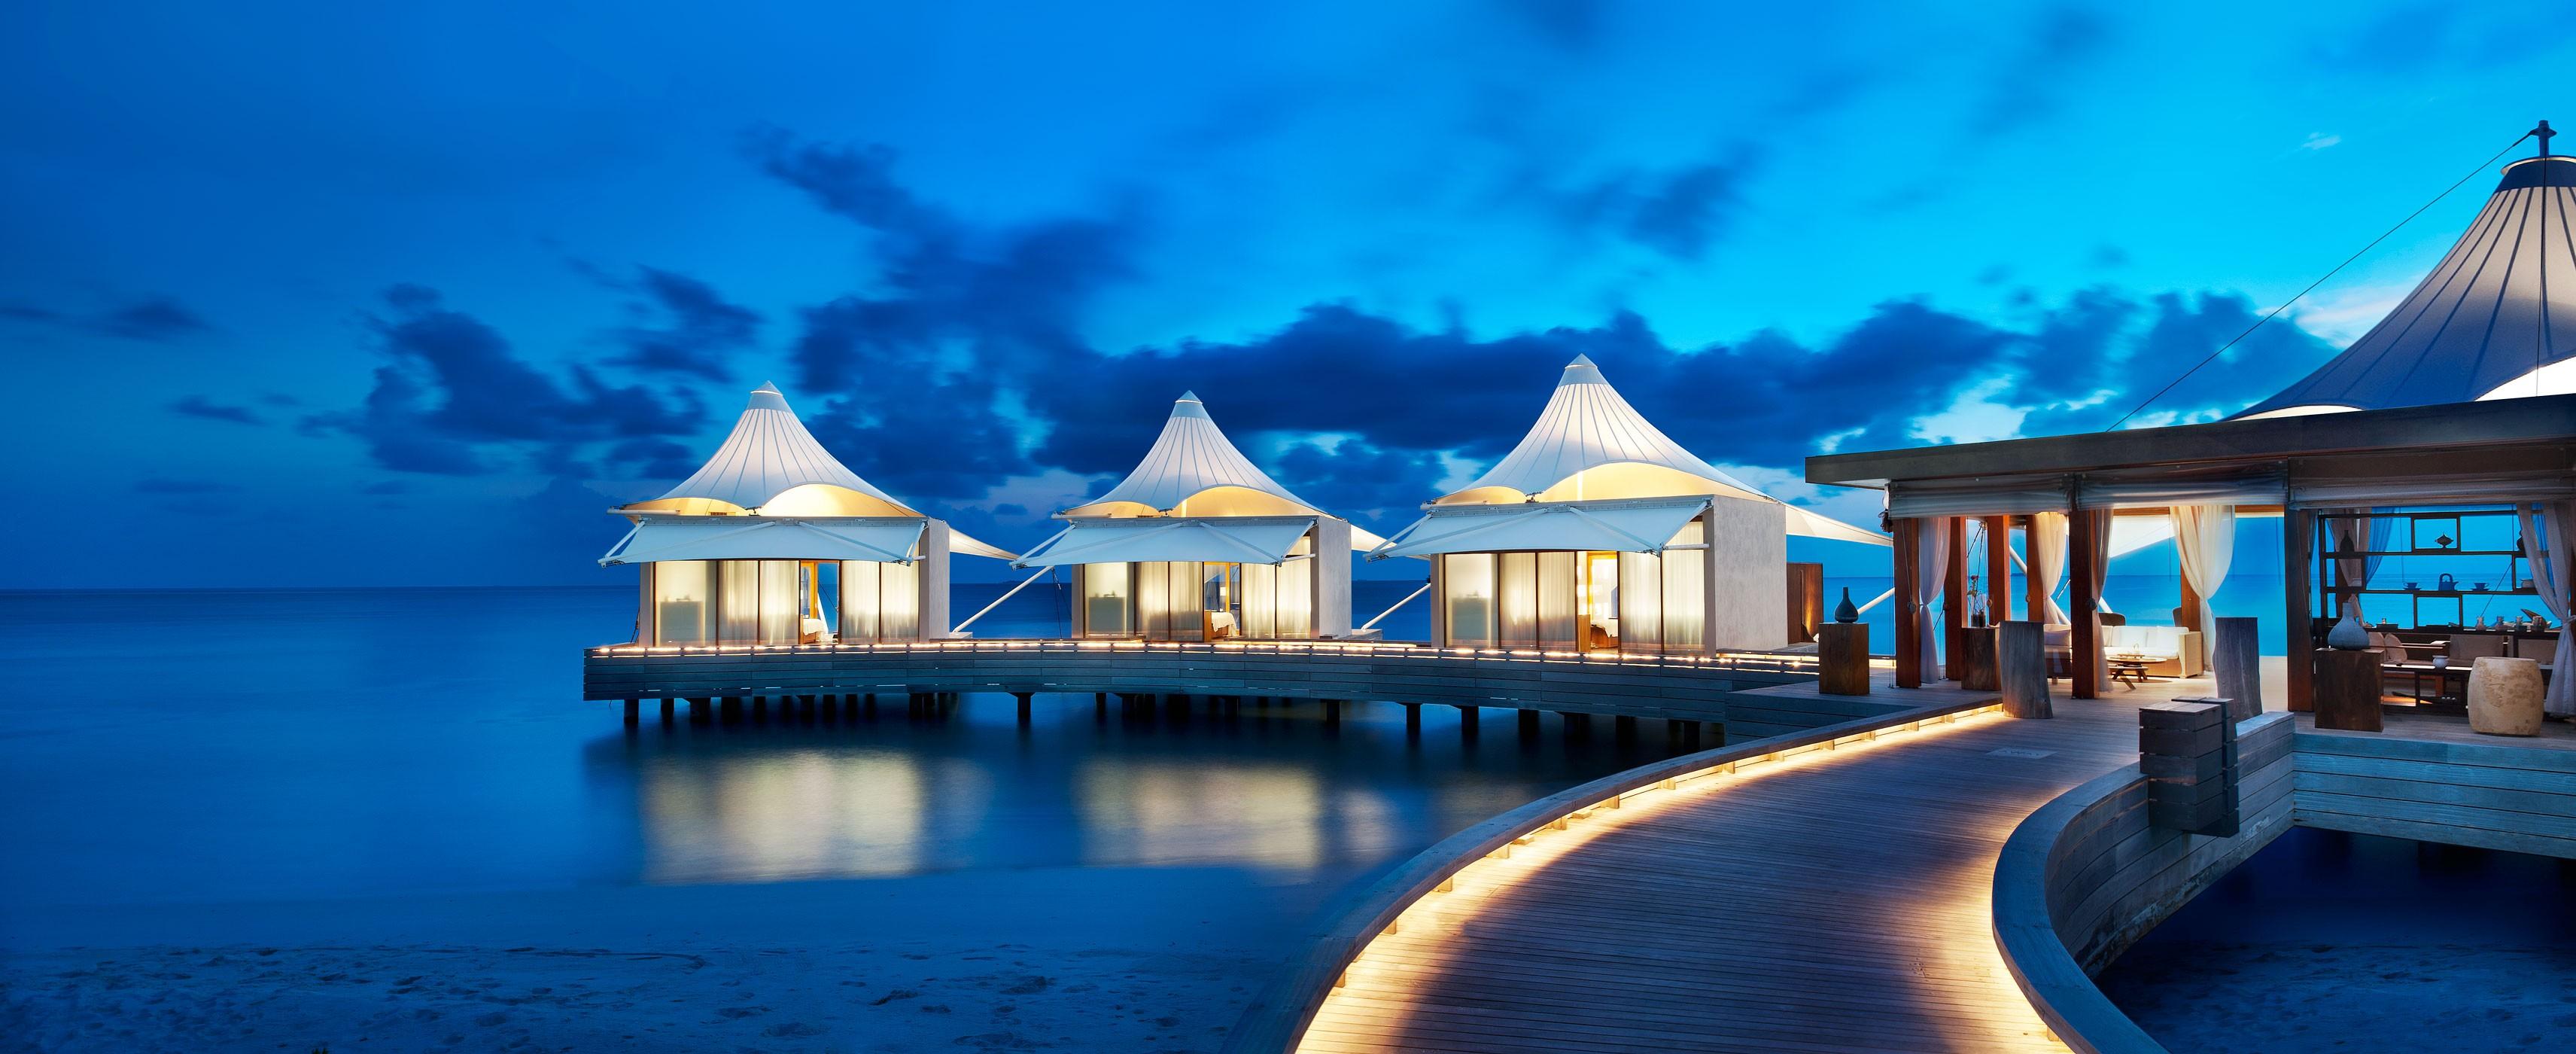 FesduIsland_Maldives_010